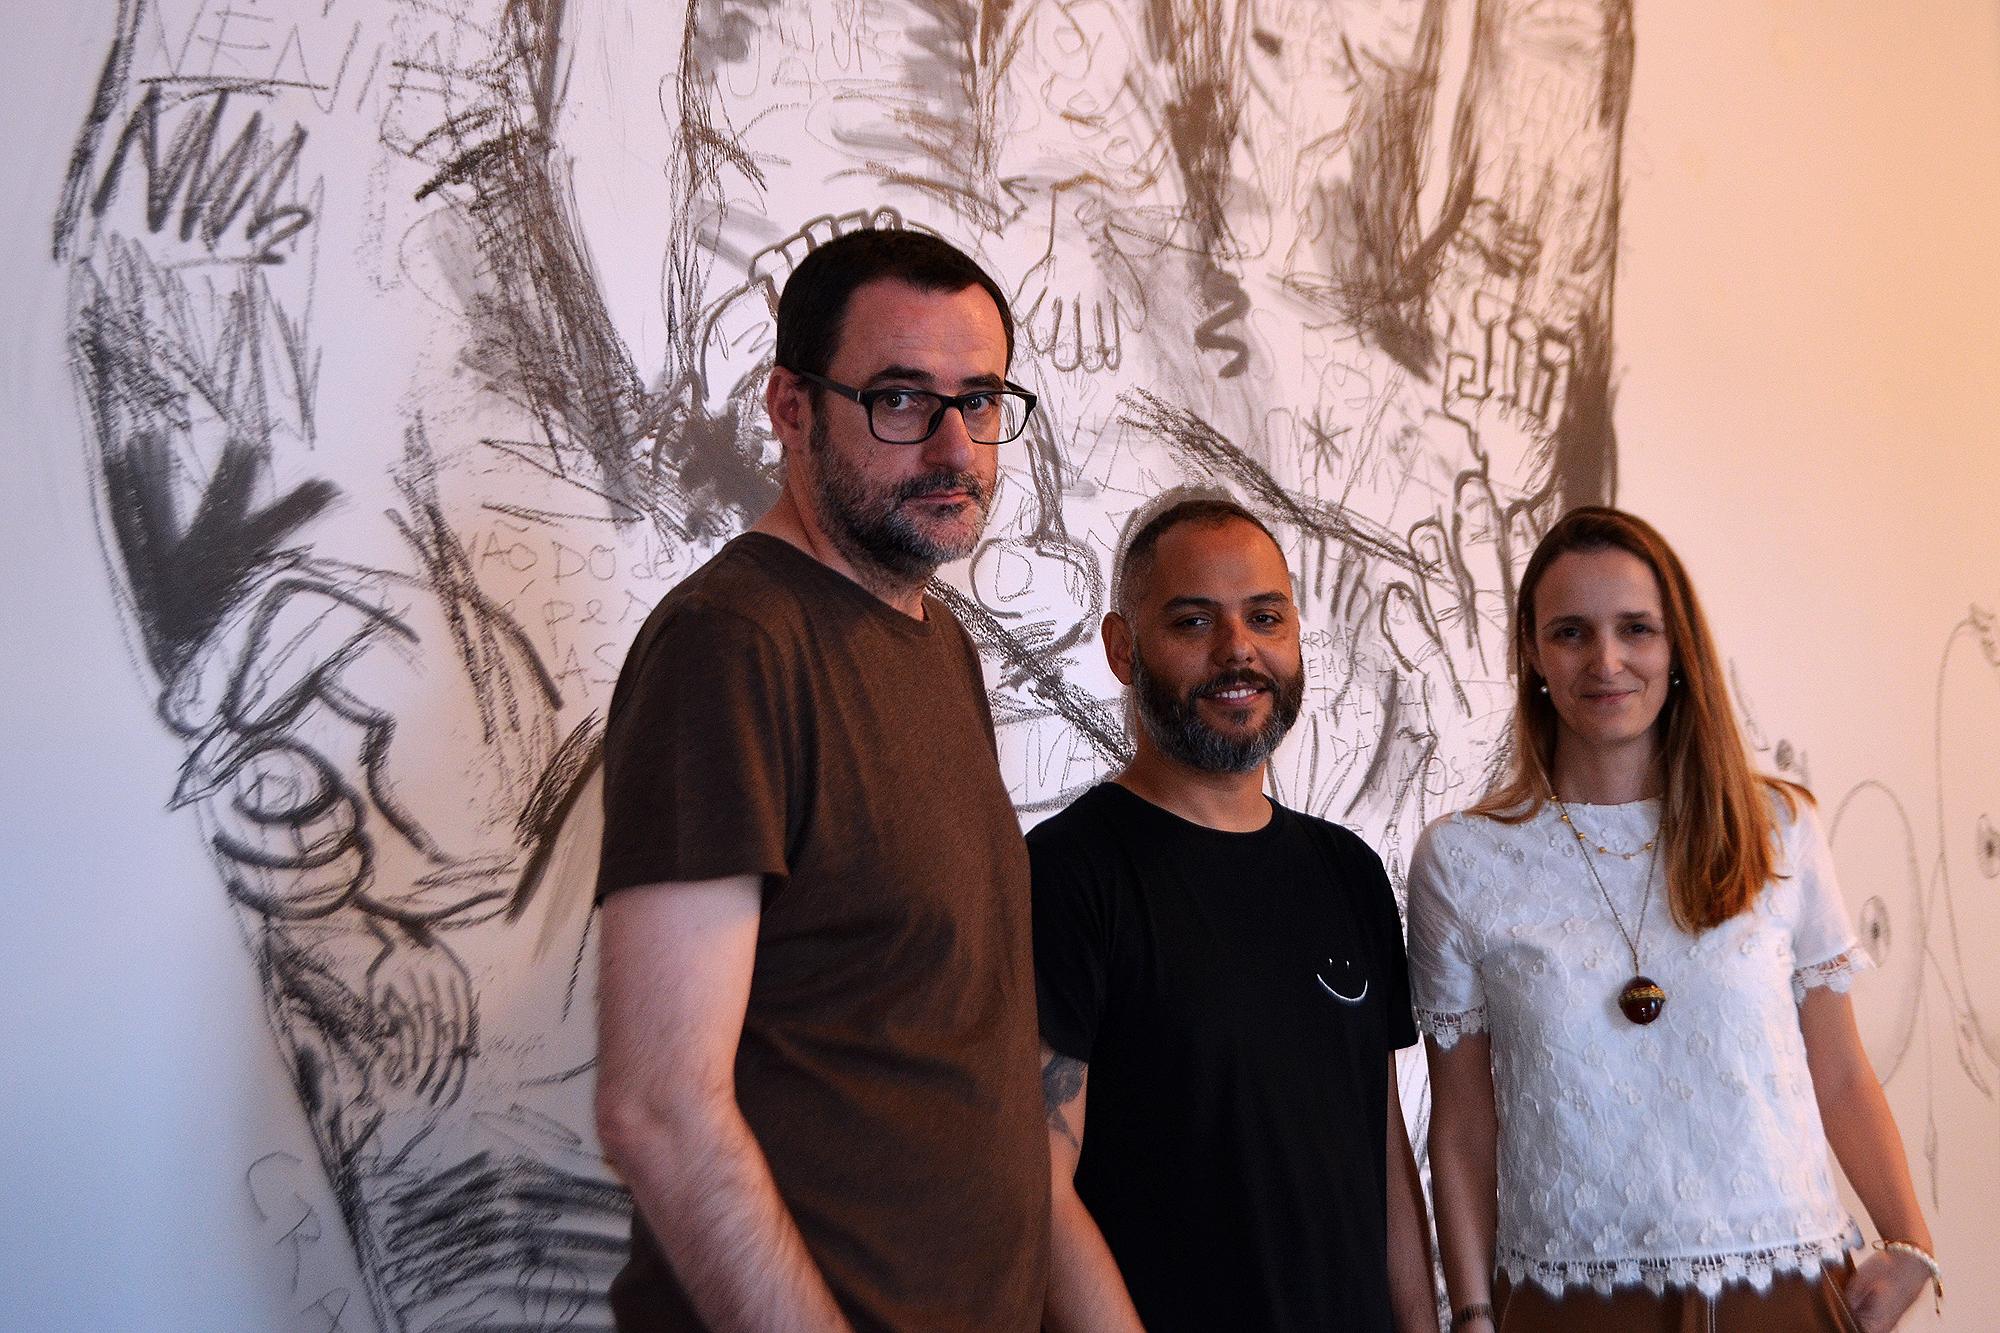 Rui Vitorino Santos, Júlio Dolbeth e Emília Dias Costa